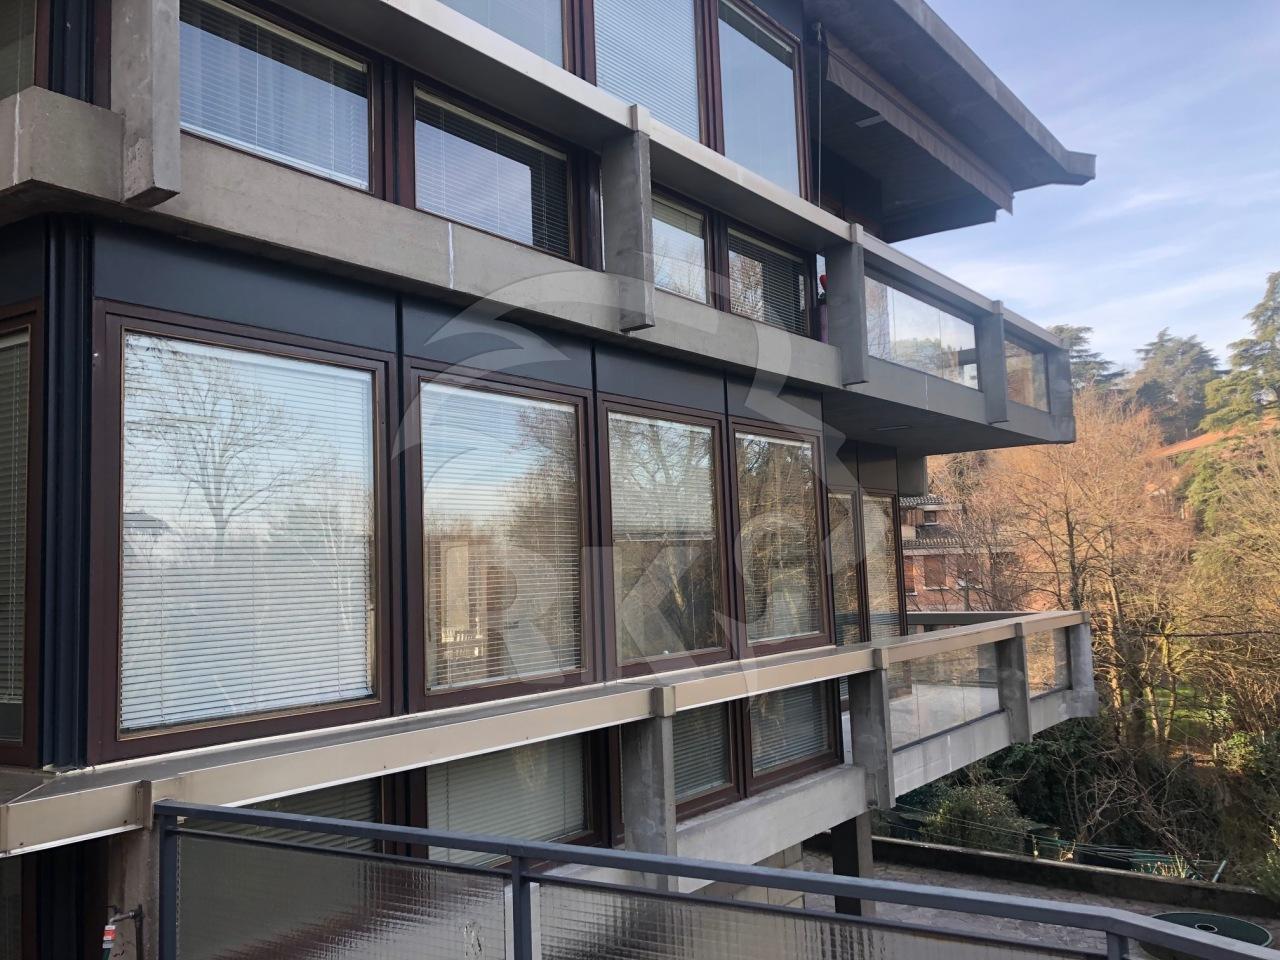 Appartamento in vendita a Bologna, 6 locali, prezzo € 790.000   PortaleAgenzieImmobiliari.it